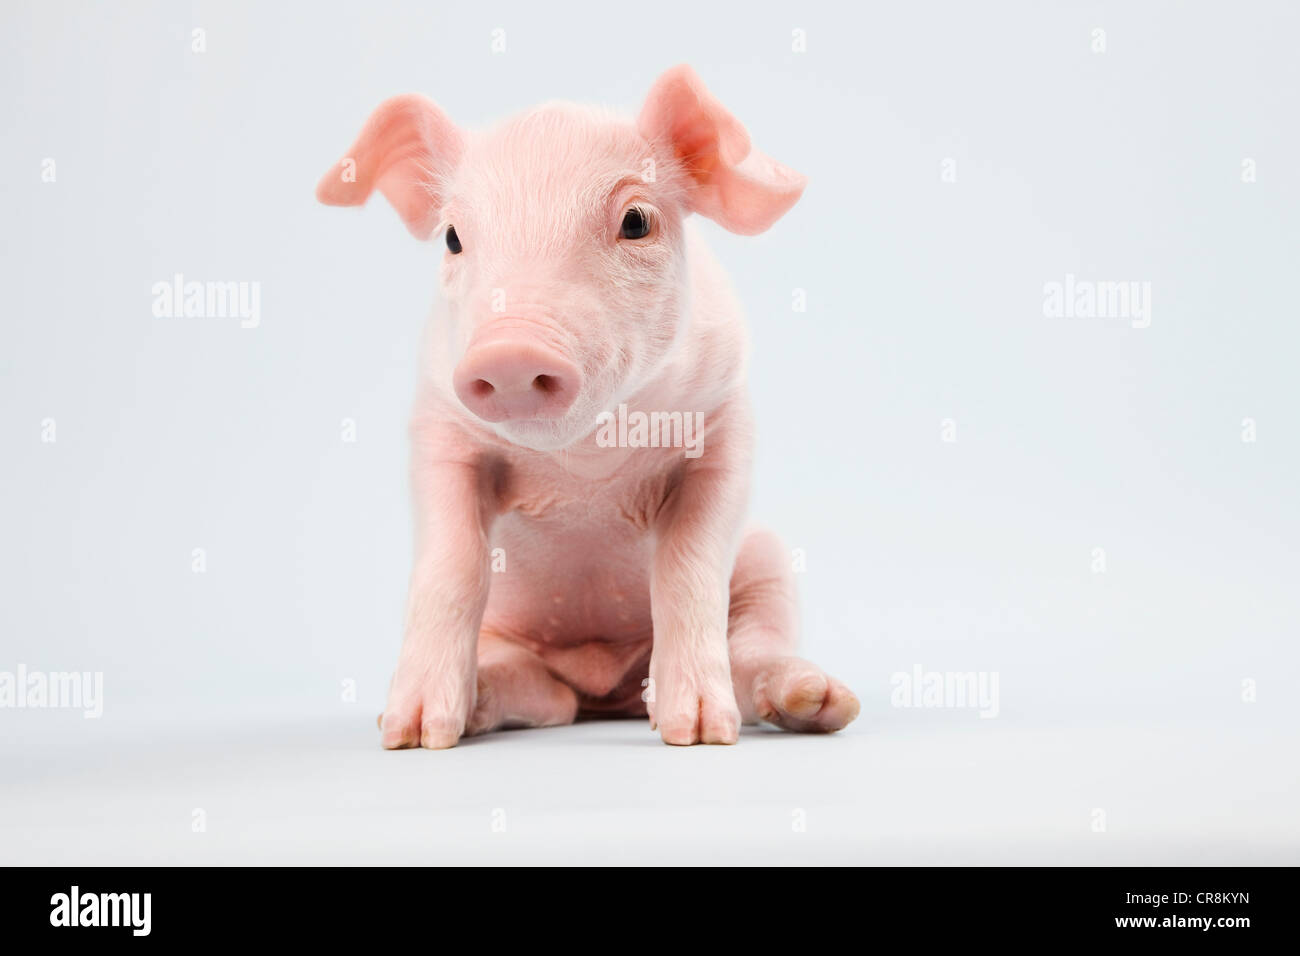 Cute piglet, Foto de estudio Imagen De Stock